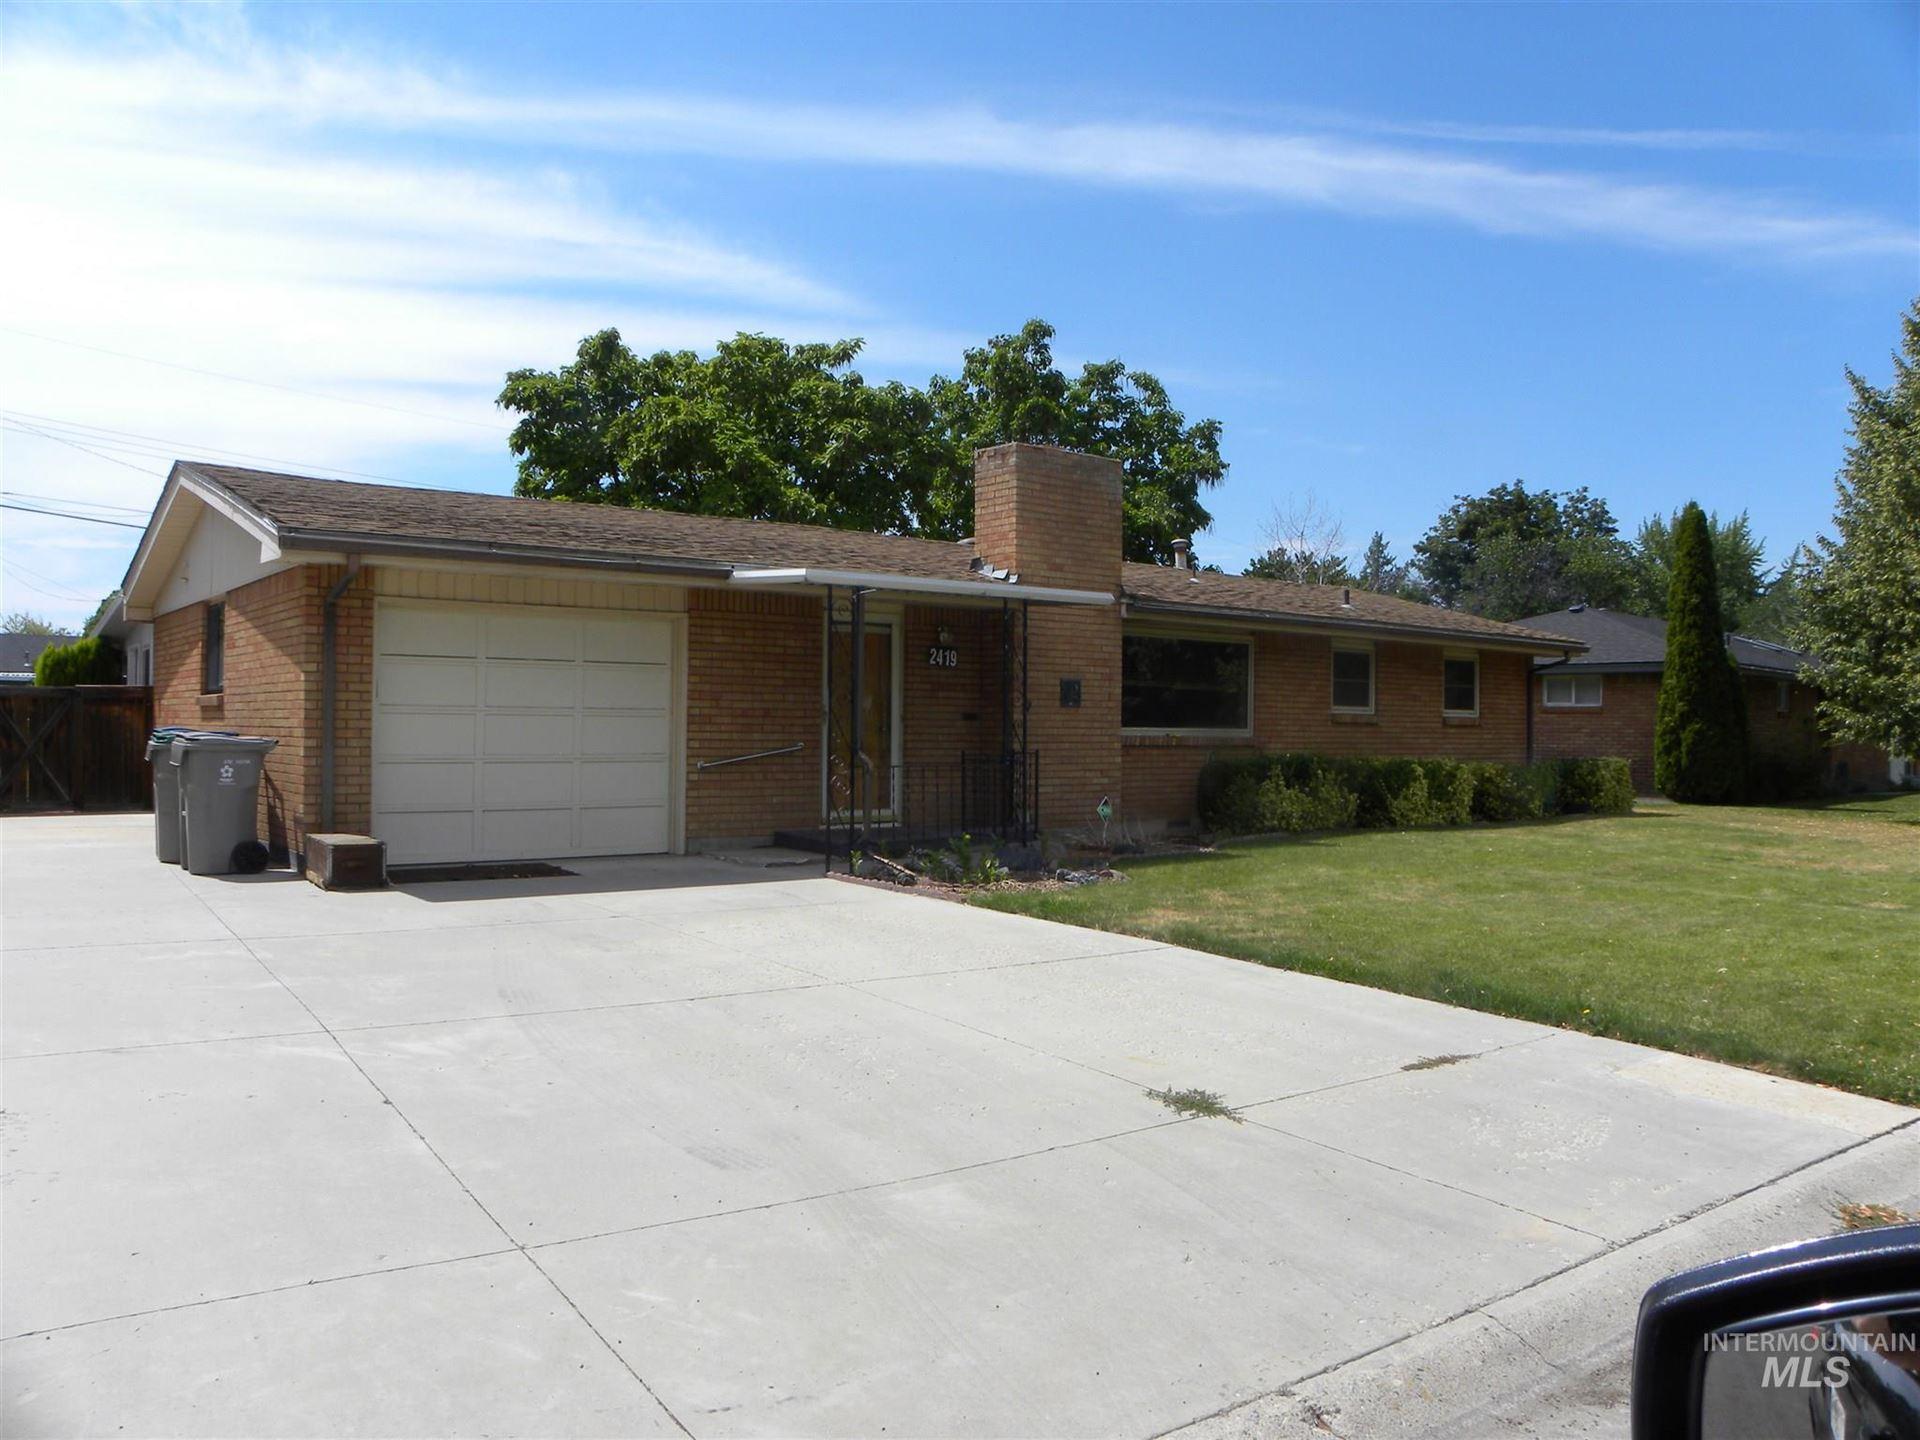 2419 N Eldorado St, Boise, ID 83704 - MLS#: 98775149